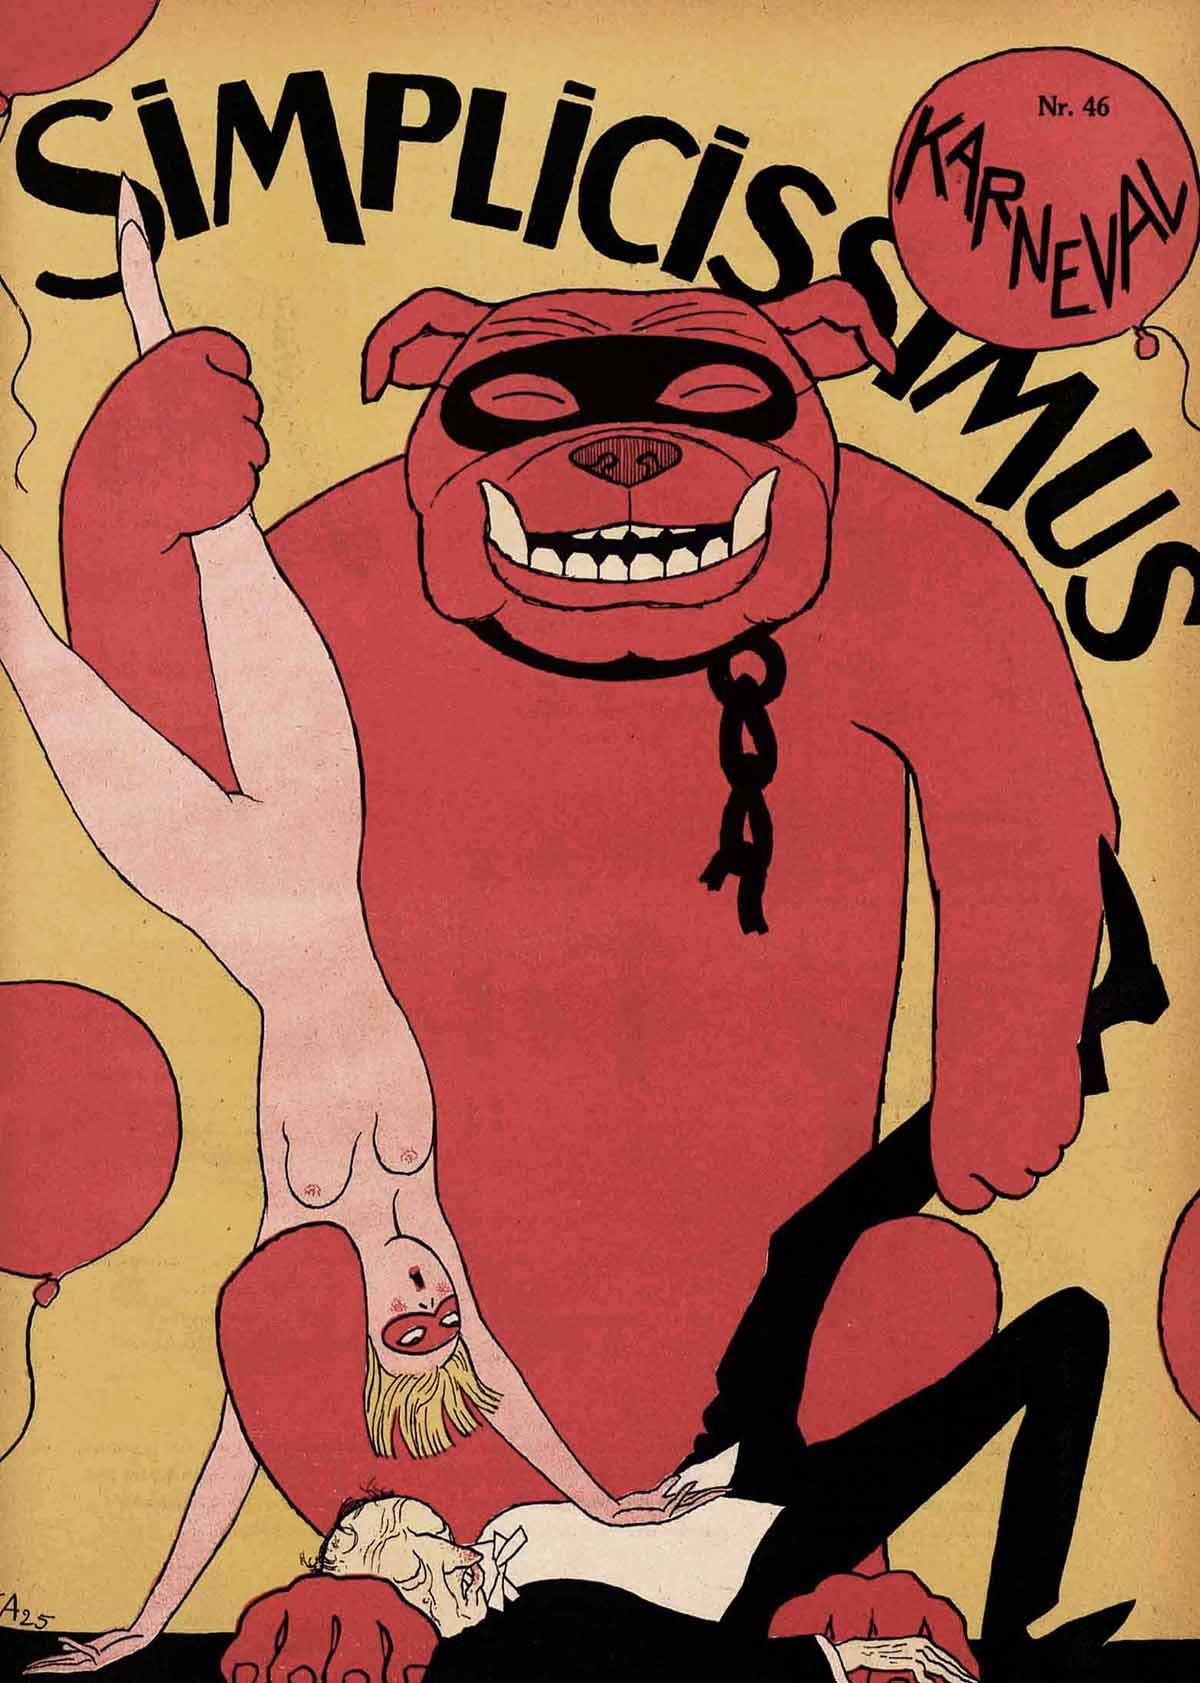 German Cartoonist Thomas Nast